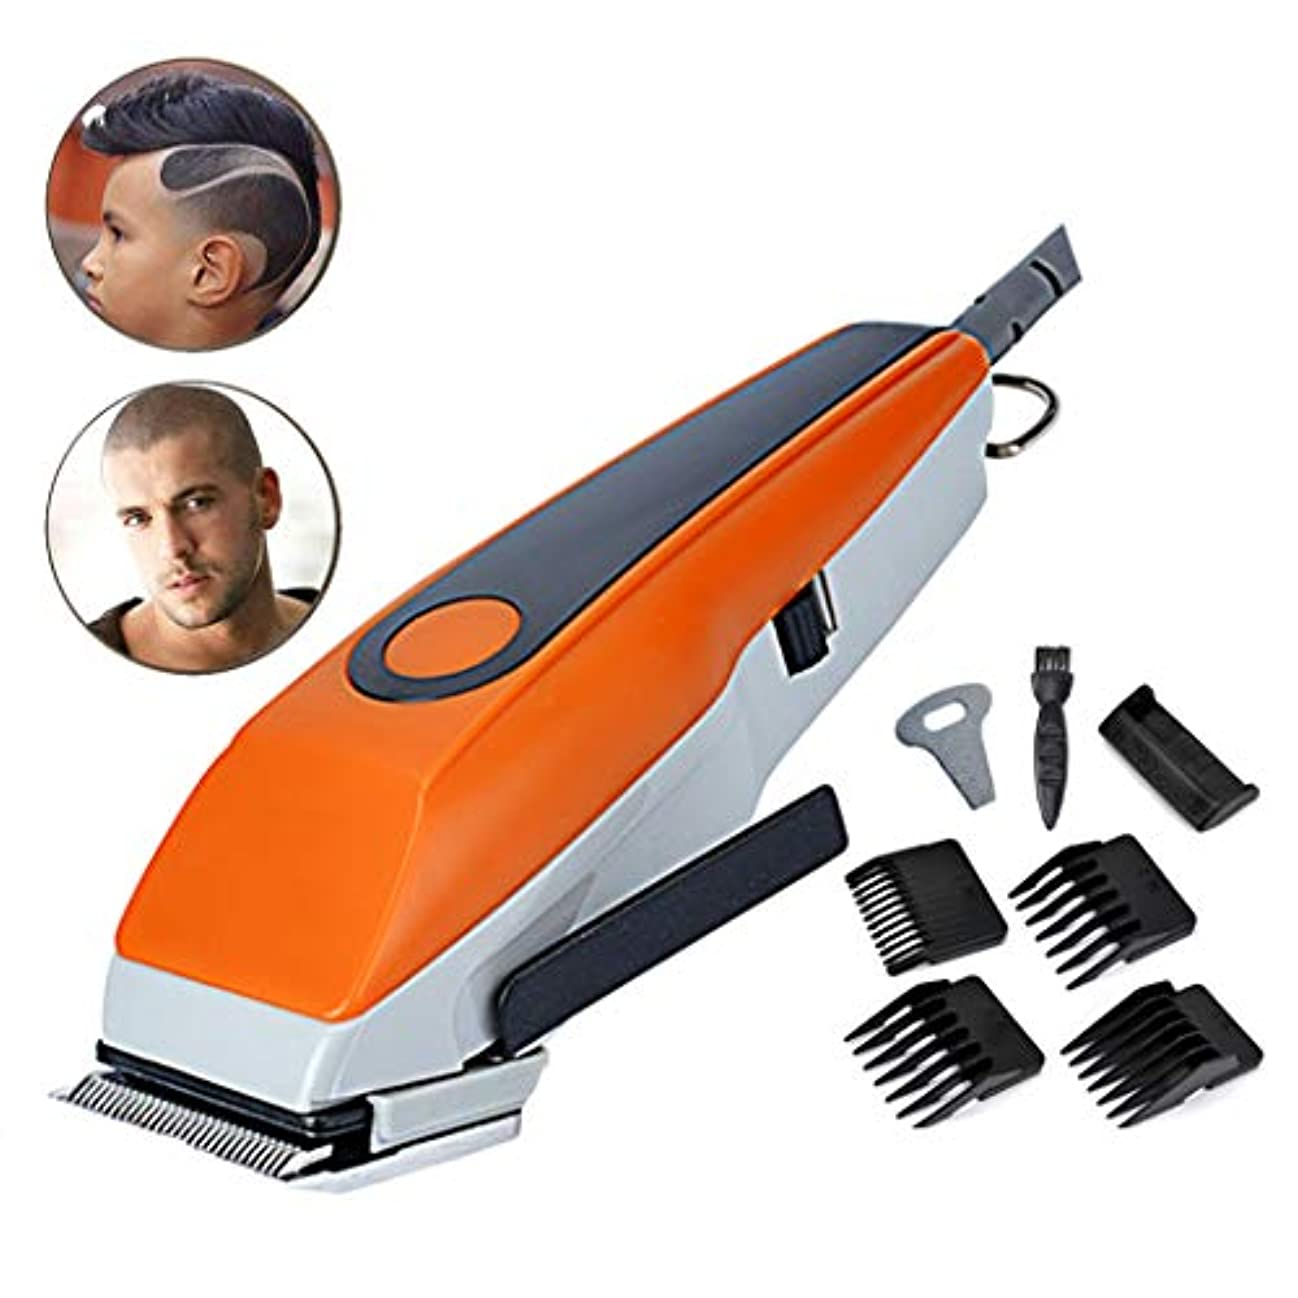 早熟整理する竜巻バリカンはげかかった専門のバリカンメンズ電気シェーバー低雑音の毛の切断